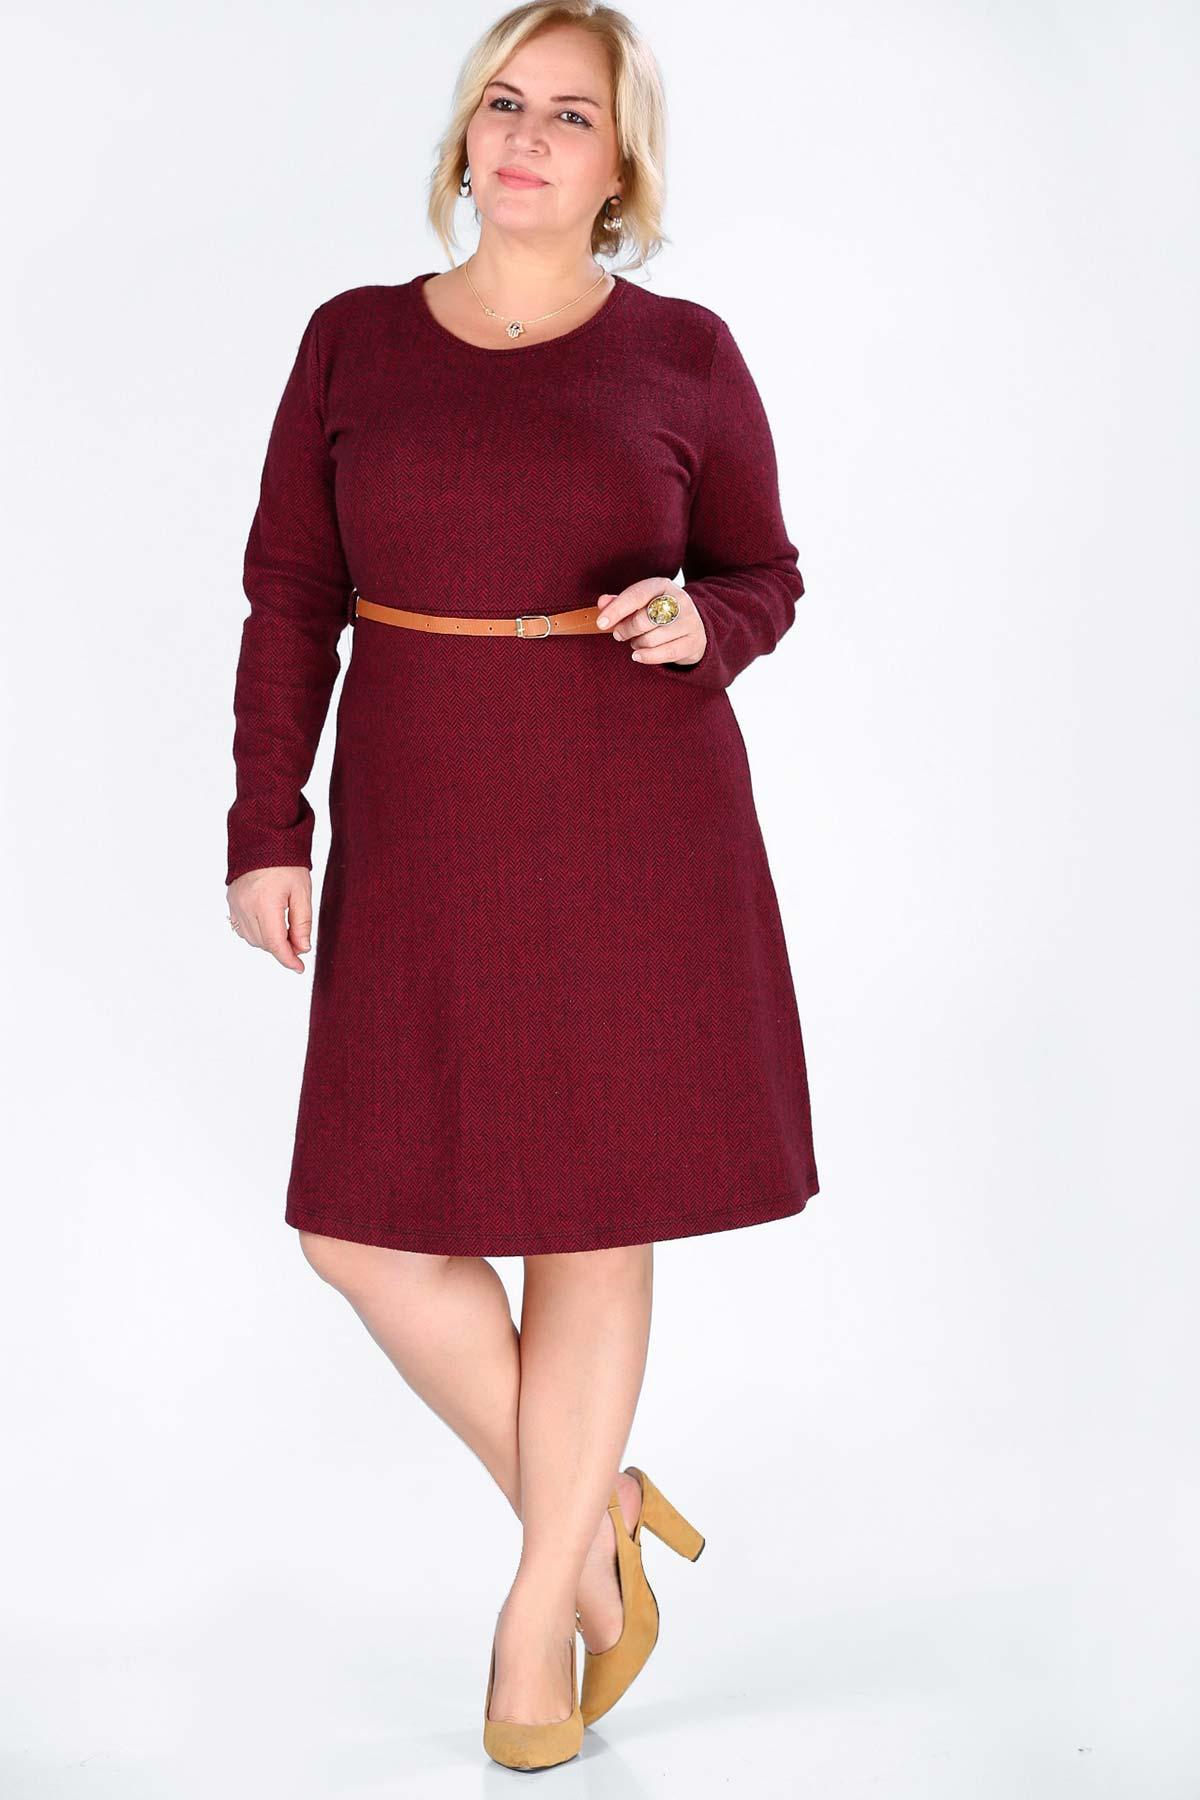 فستان عنابي بحزام وسط مقاس كبير